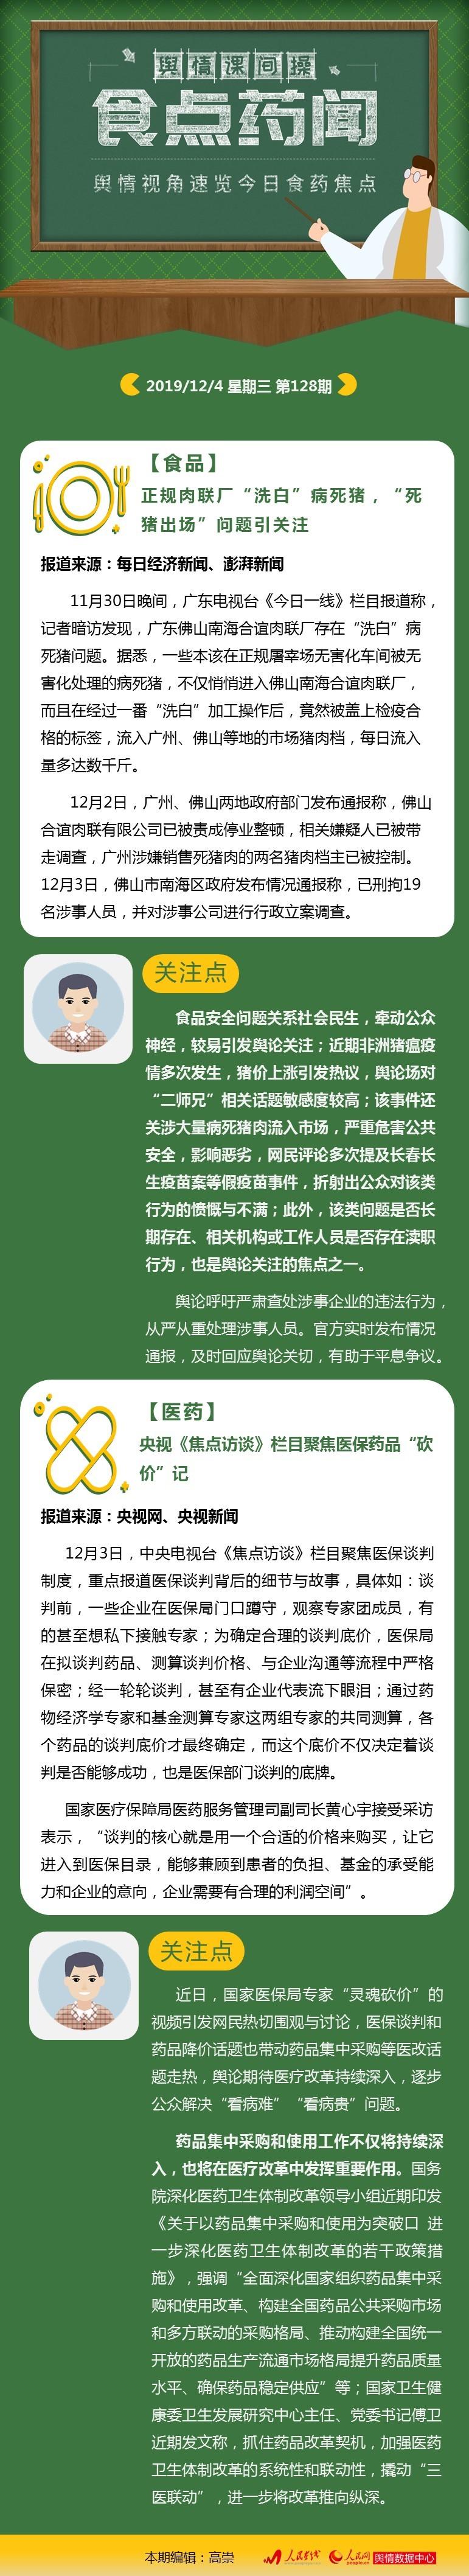 食点药闻:农村学校食堂不得对外承包,江中药业子公司药品质检不合格